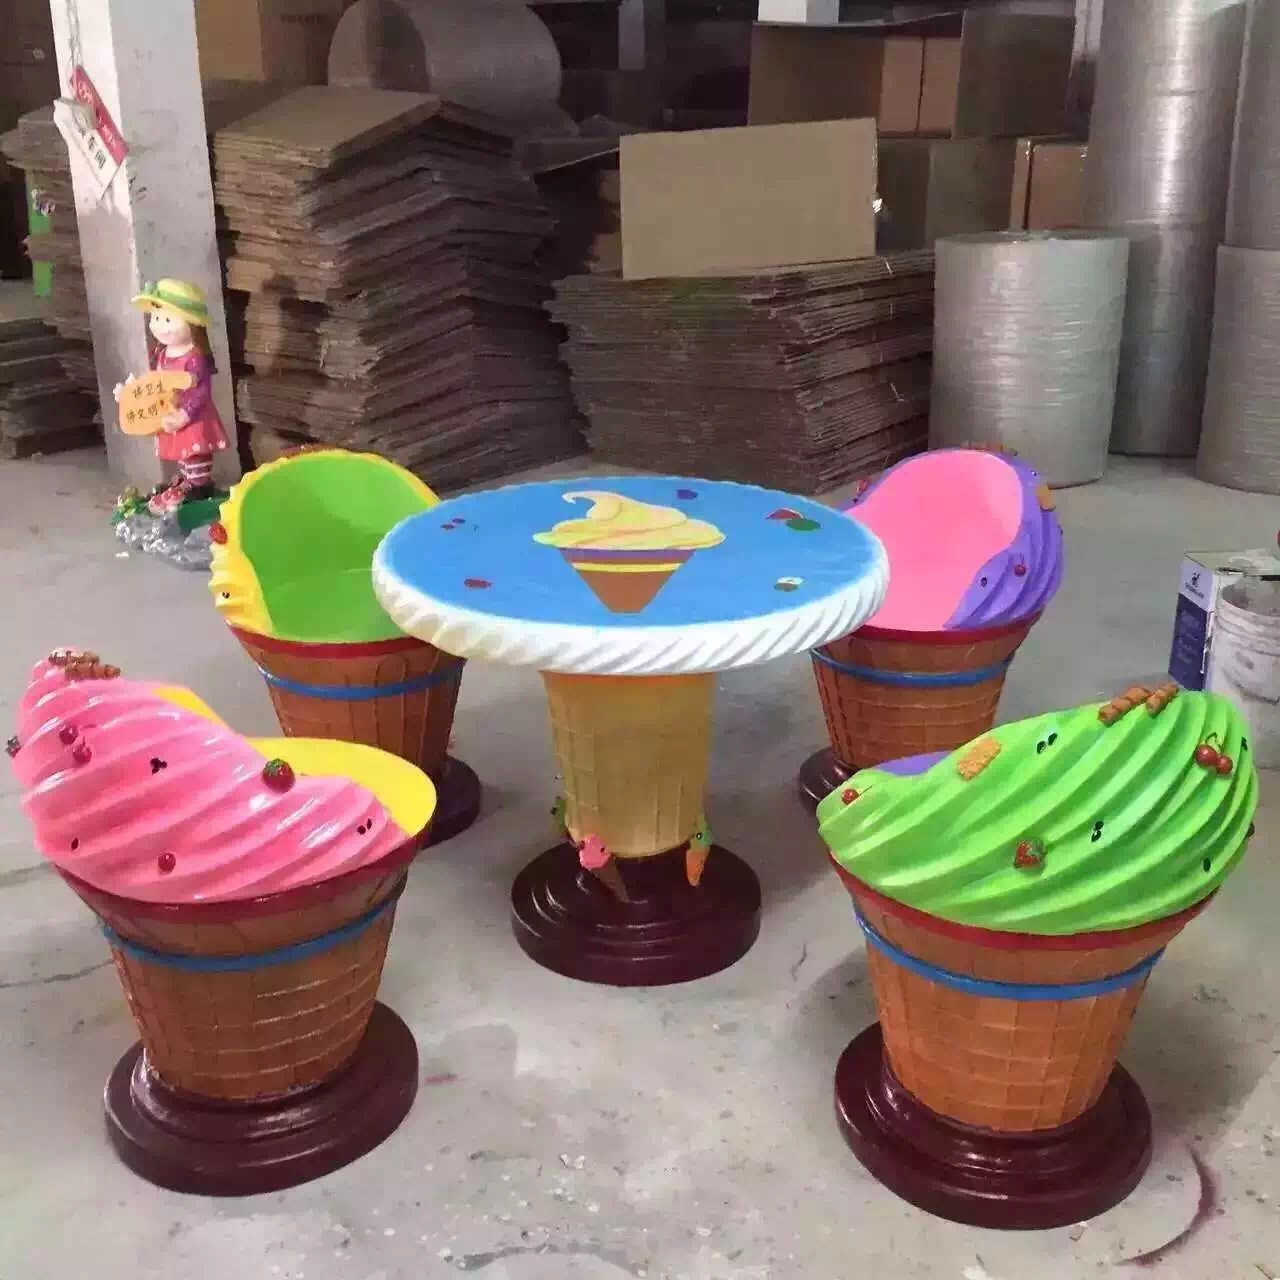 冰淇淋主题桌椅亚博体育网页登录